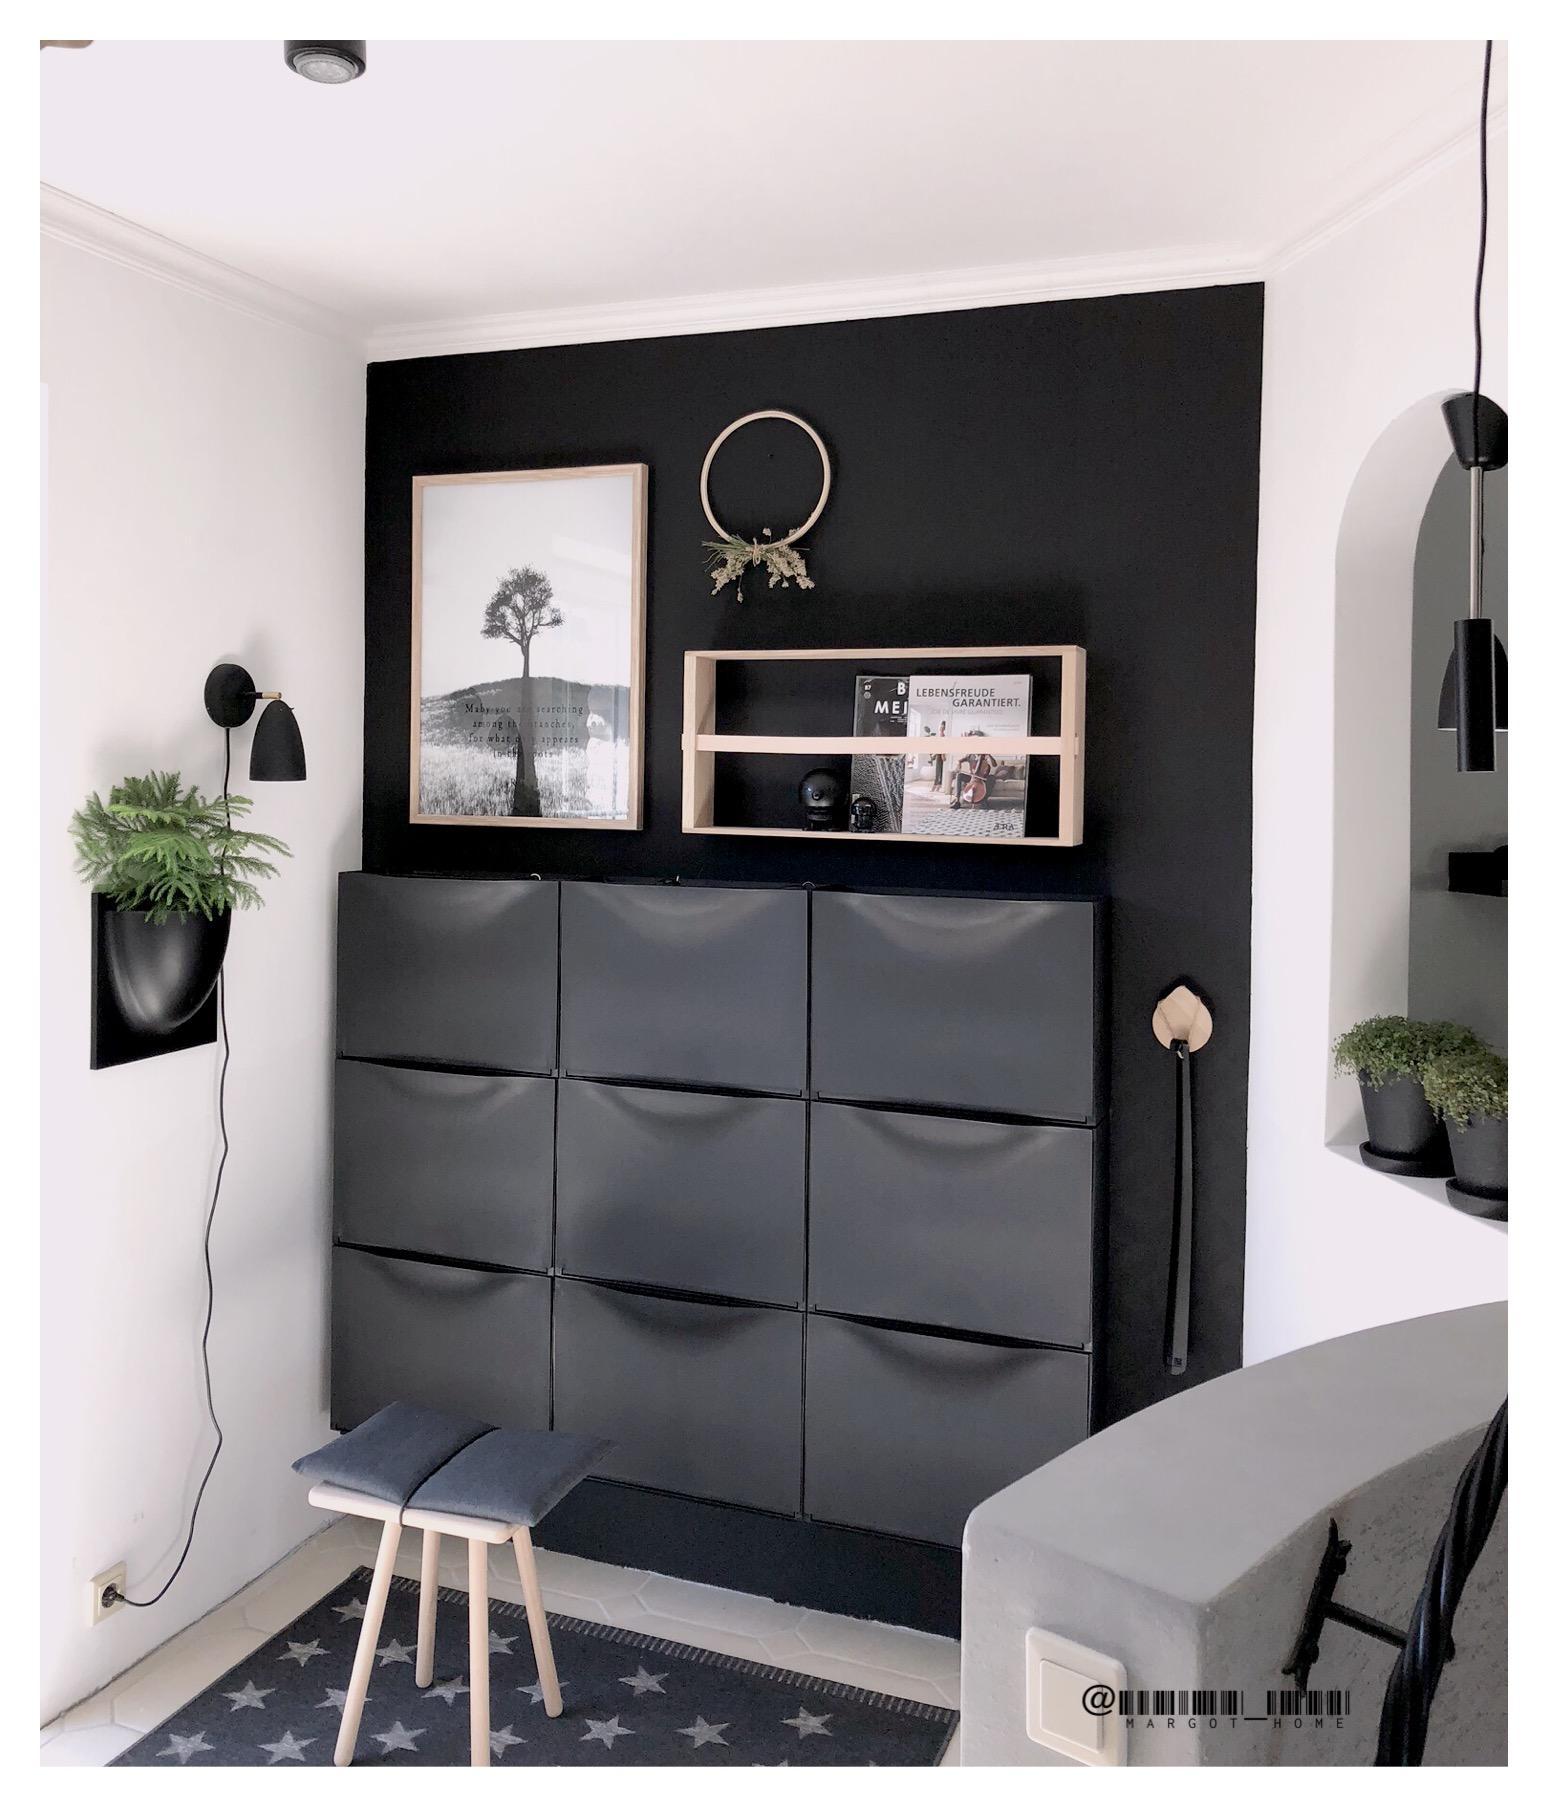 schuhregal schmaler flur amazing landhaus online kaufen avec schuhregal offen schmal et. Black Bedroom Furniture Sets. Home Design Ideas